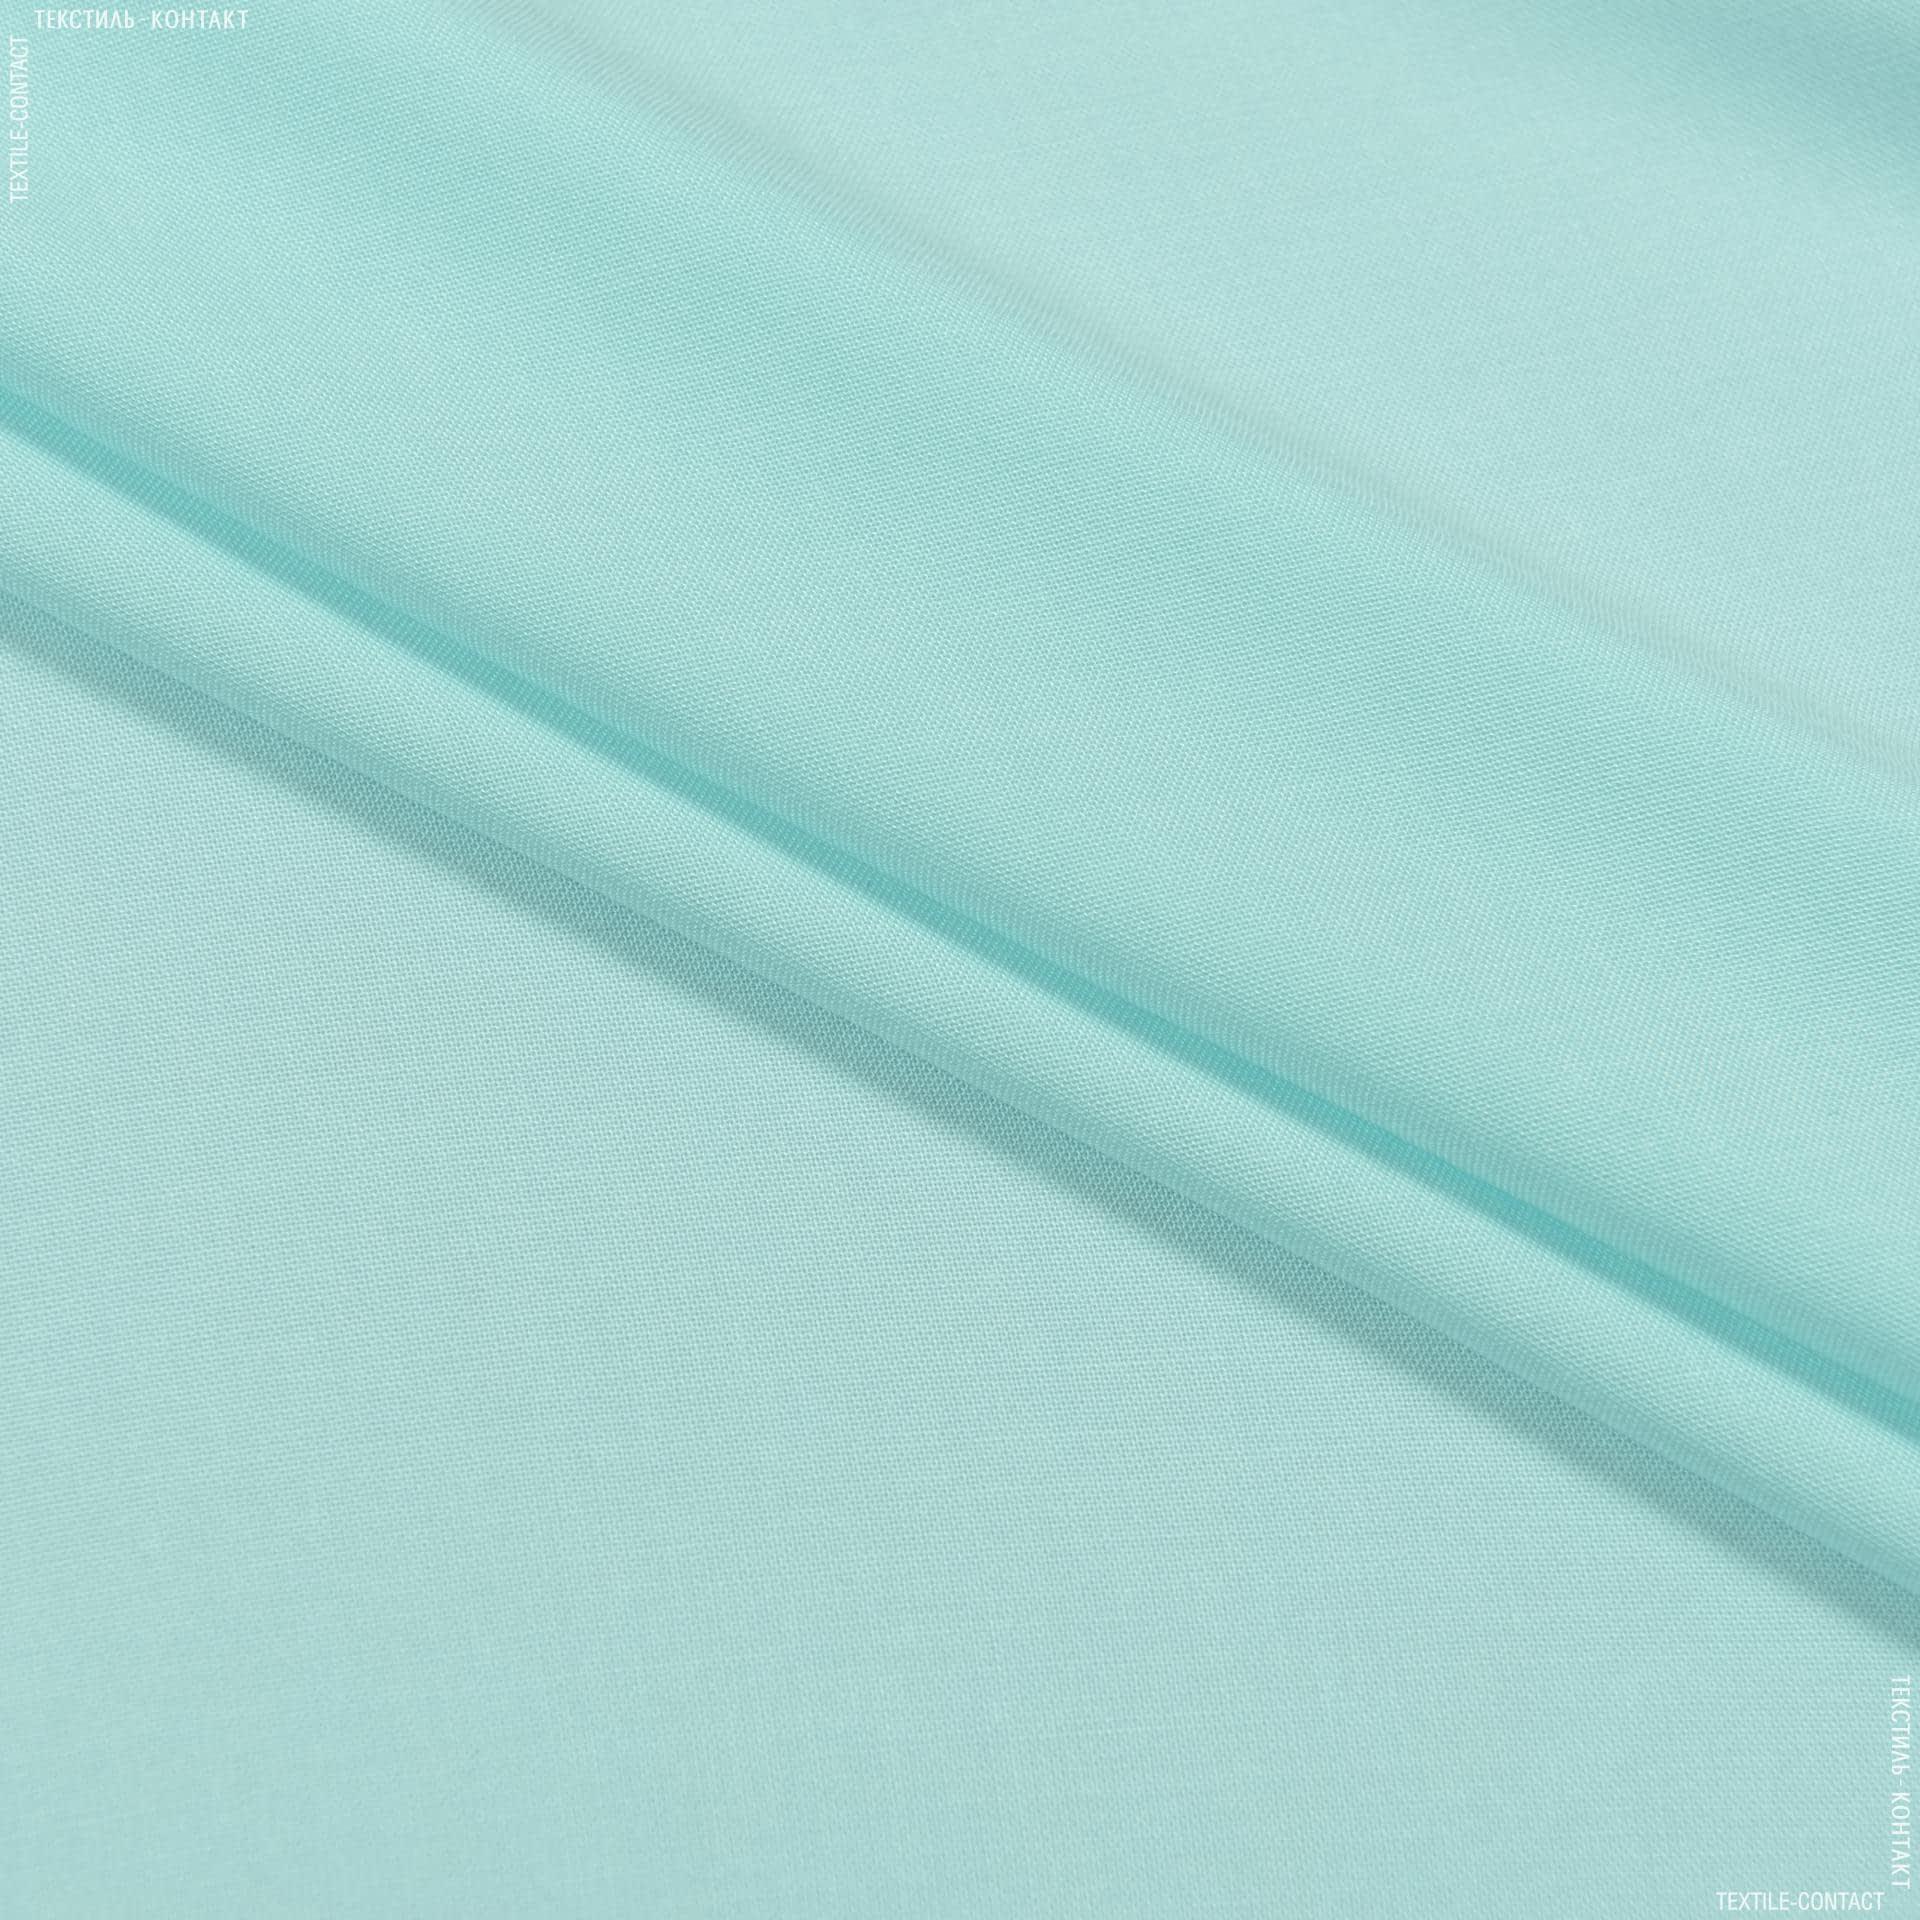 Ткани для детской одежды - Штапель фалма светлая мята